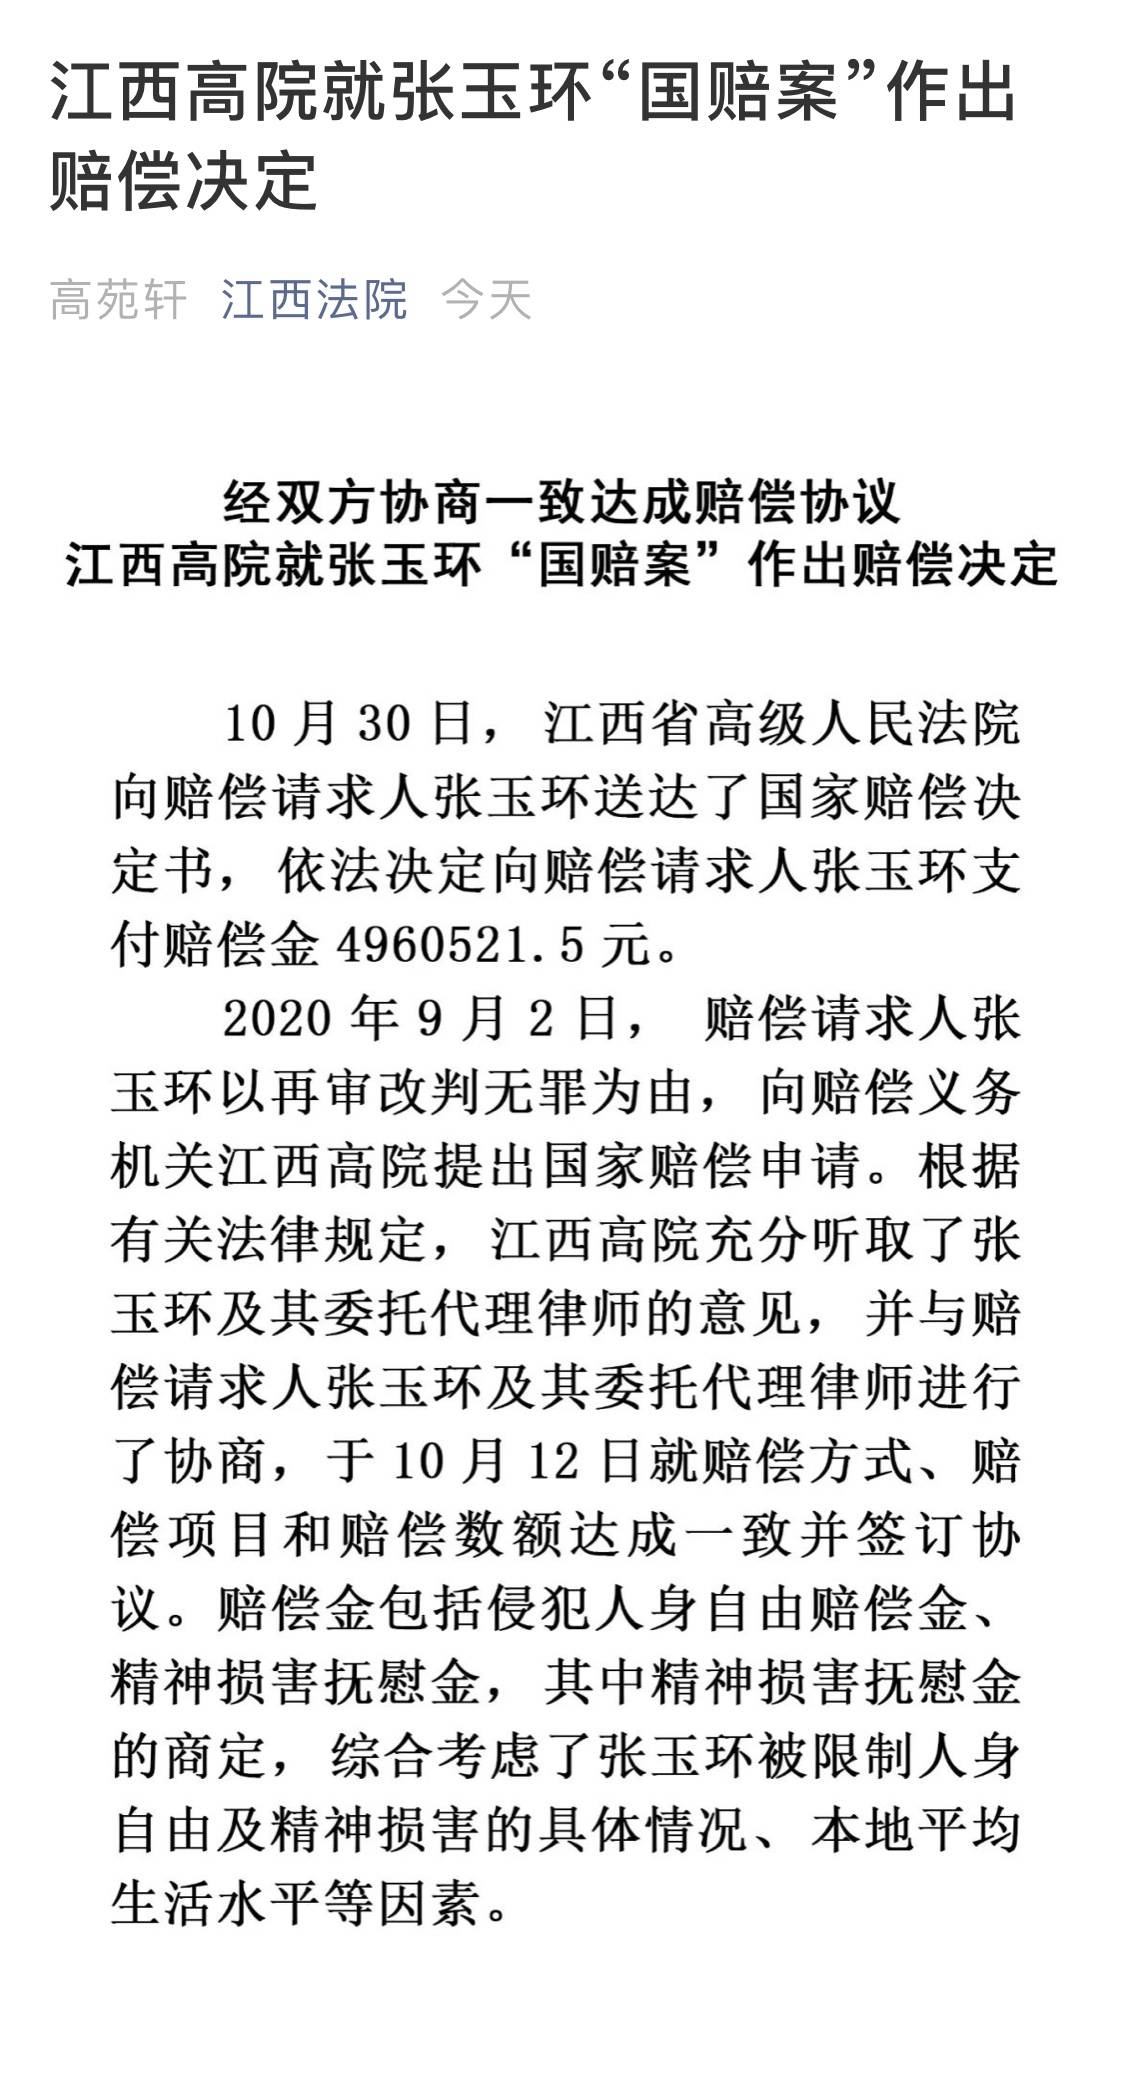 张玉环羁押9778天获496万国家赔偿,家人:准备年后去工作